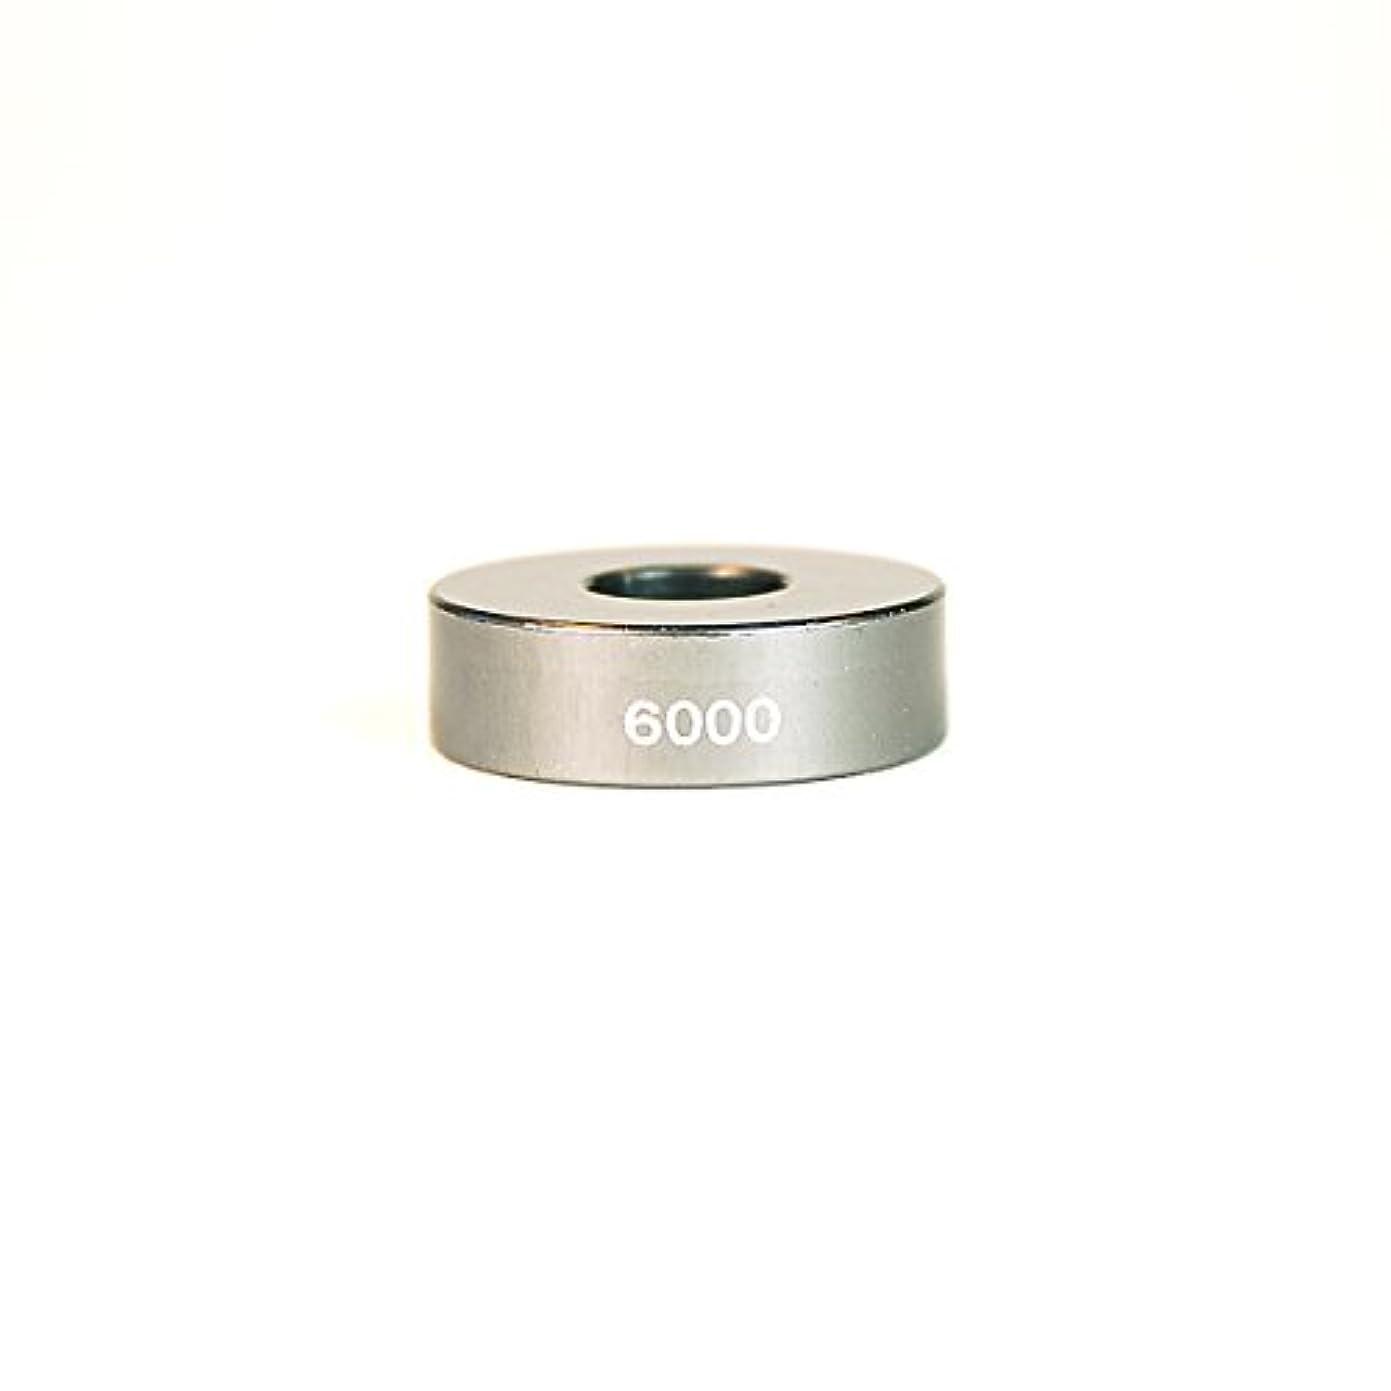 カテゴリー化合物熟すWheels Manufacturing 6000 Open Bore Adapter by Wheels Manufacturing